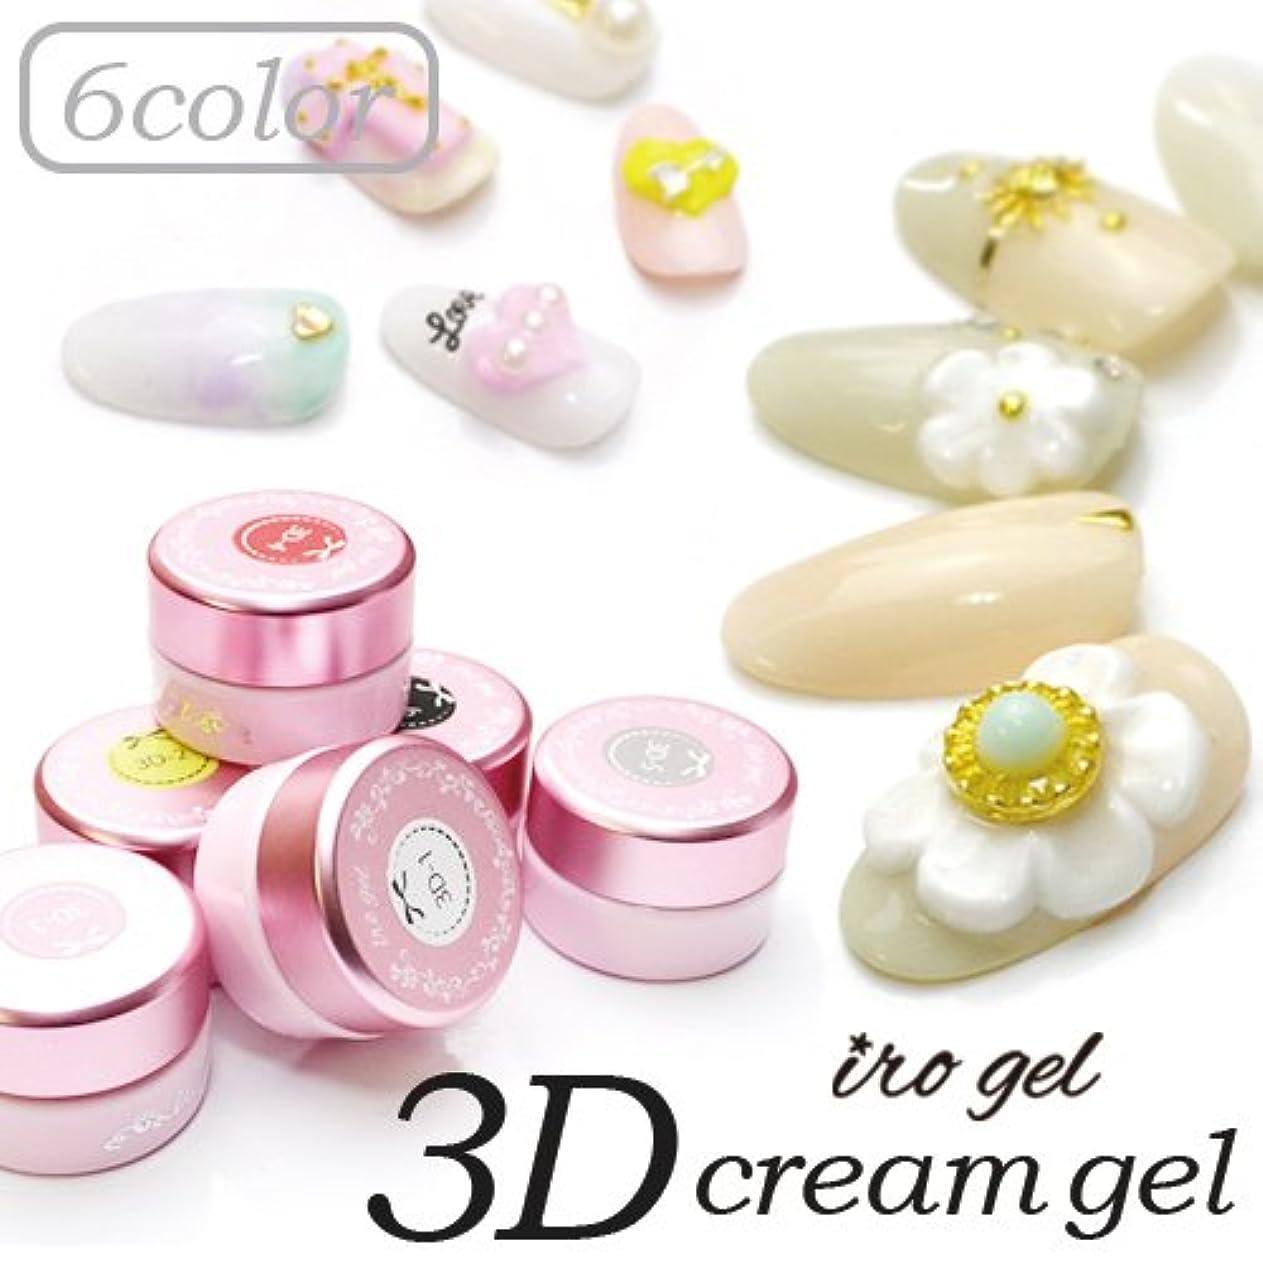 エミュレートする強要禁止3D irogel(イロジェル)クリームジェル「1 ホワイト」3Dジェルネイル